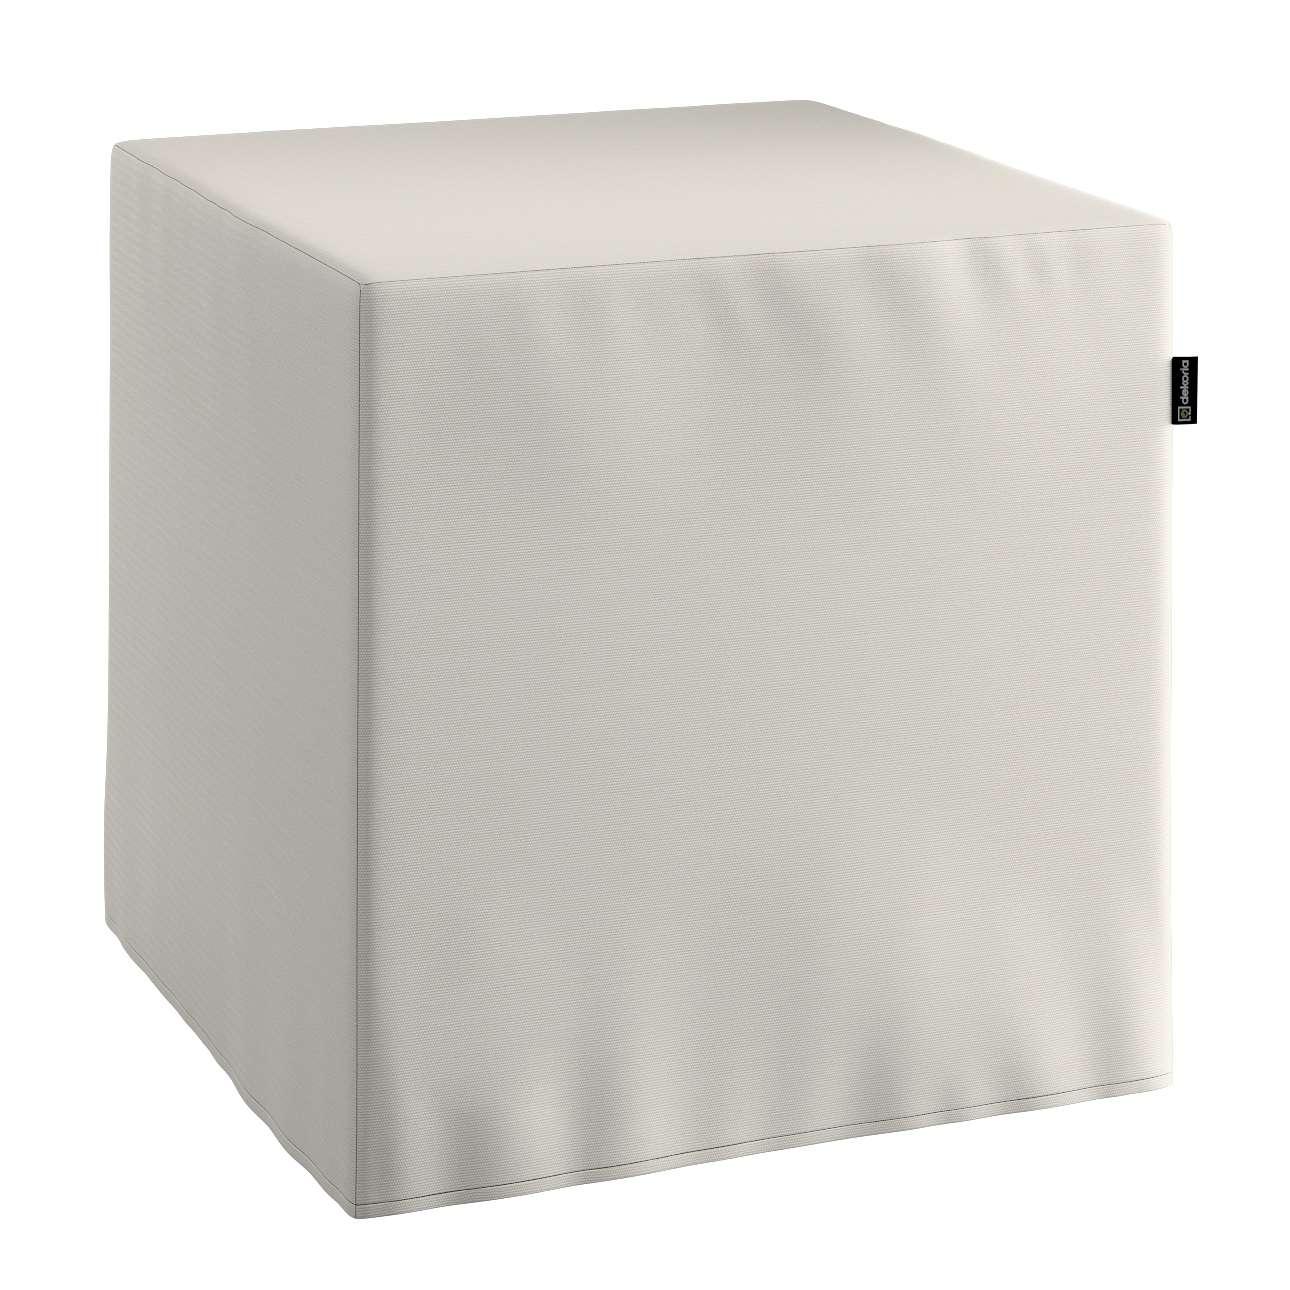 Harter Sitzwürfel 40 x 40 x 40 cm von der Kollektion Cotton Panama, Stoff: 702-31